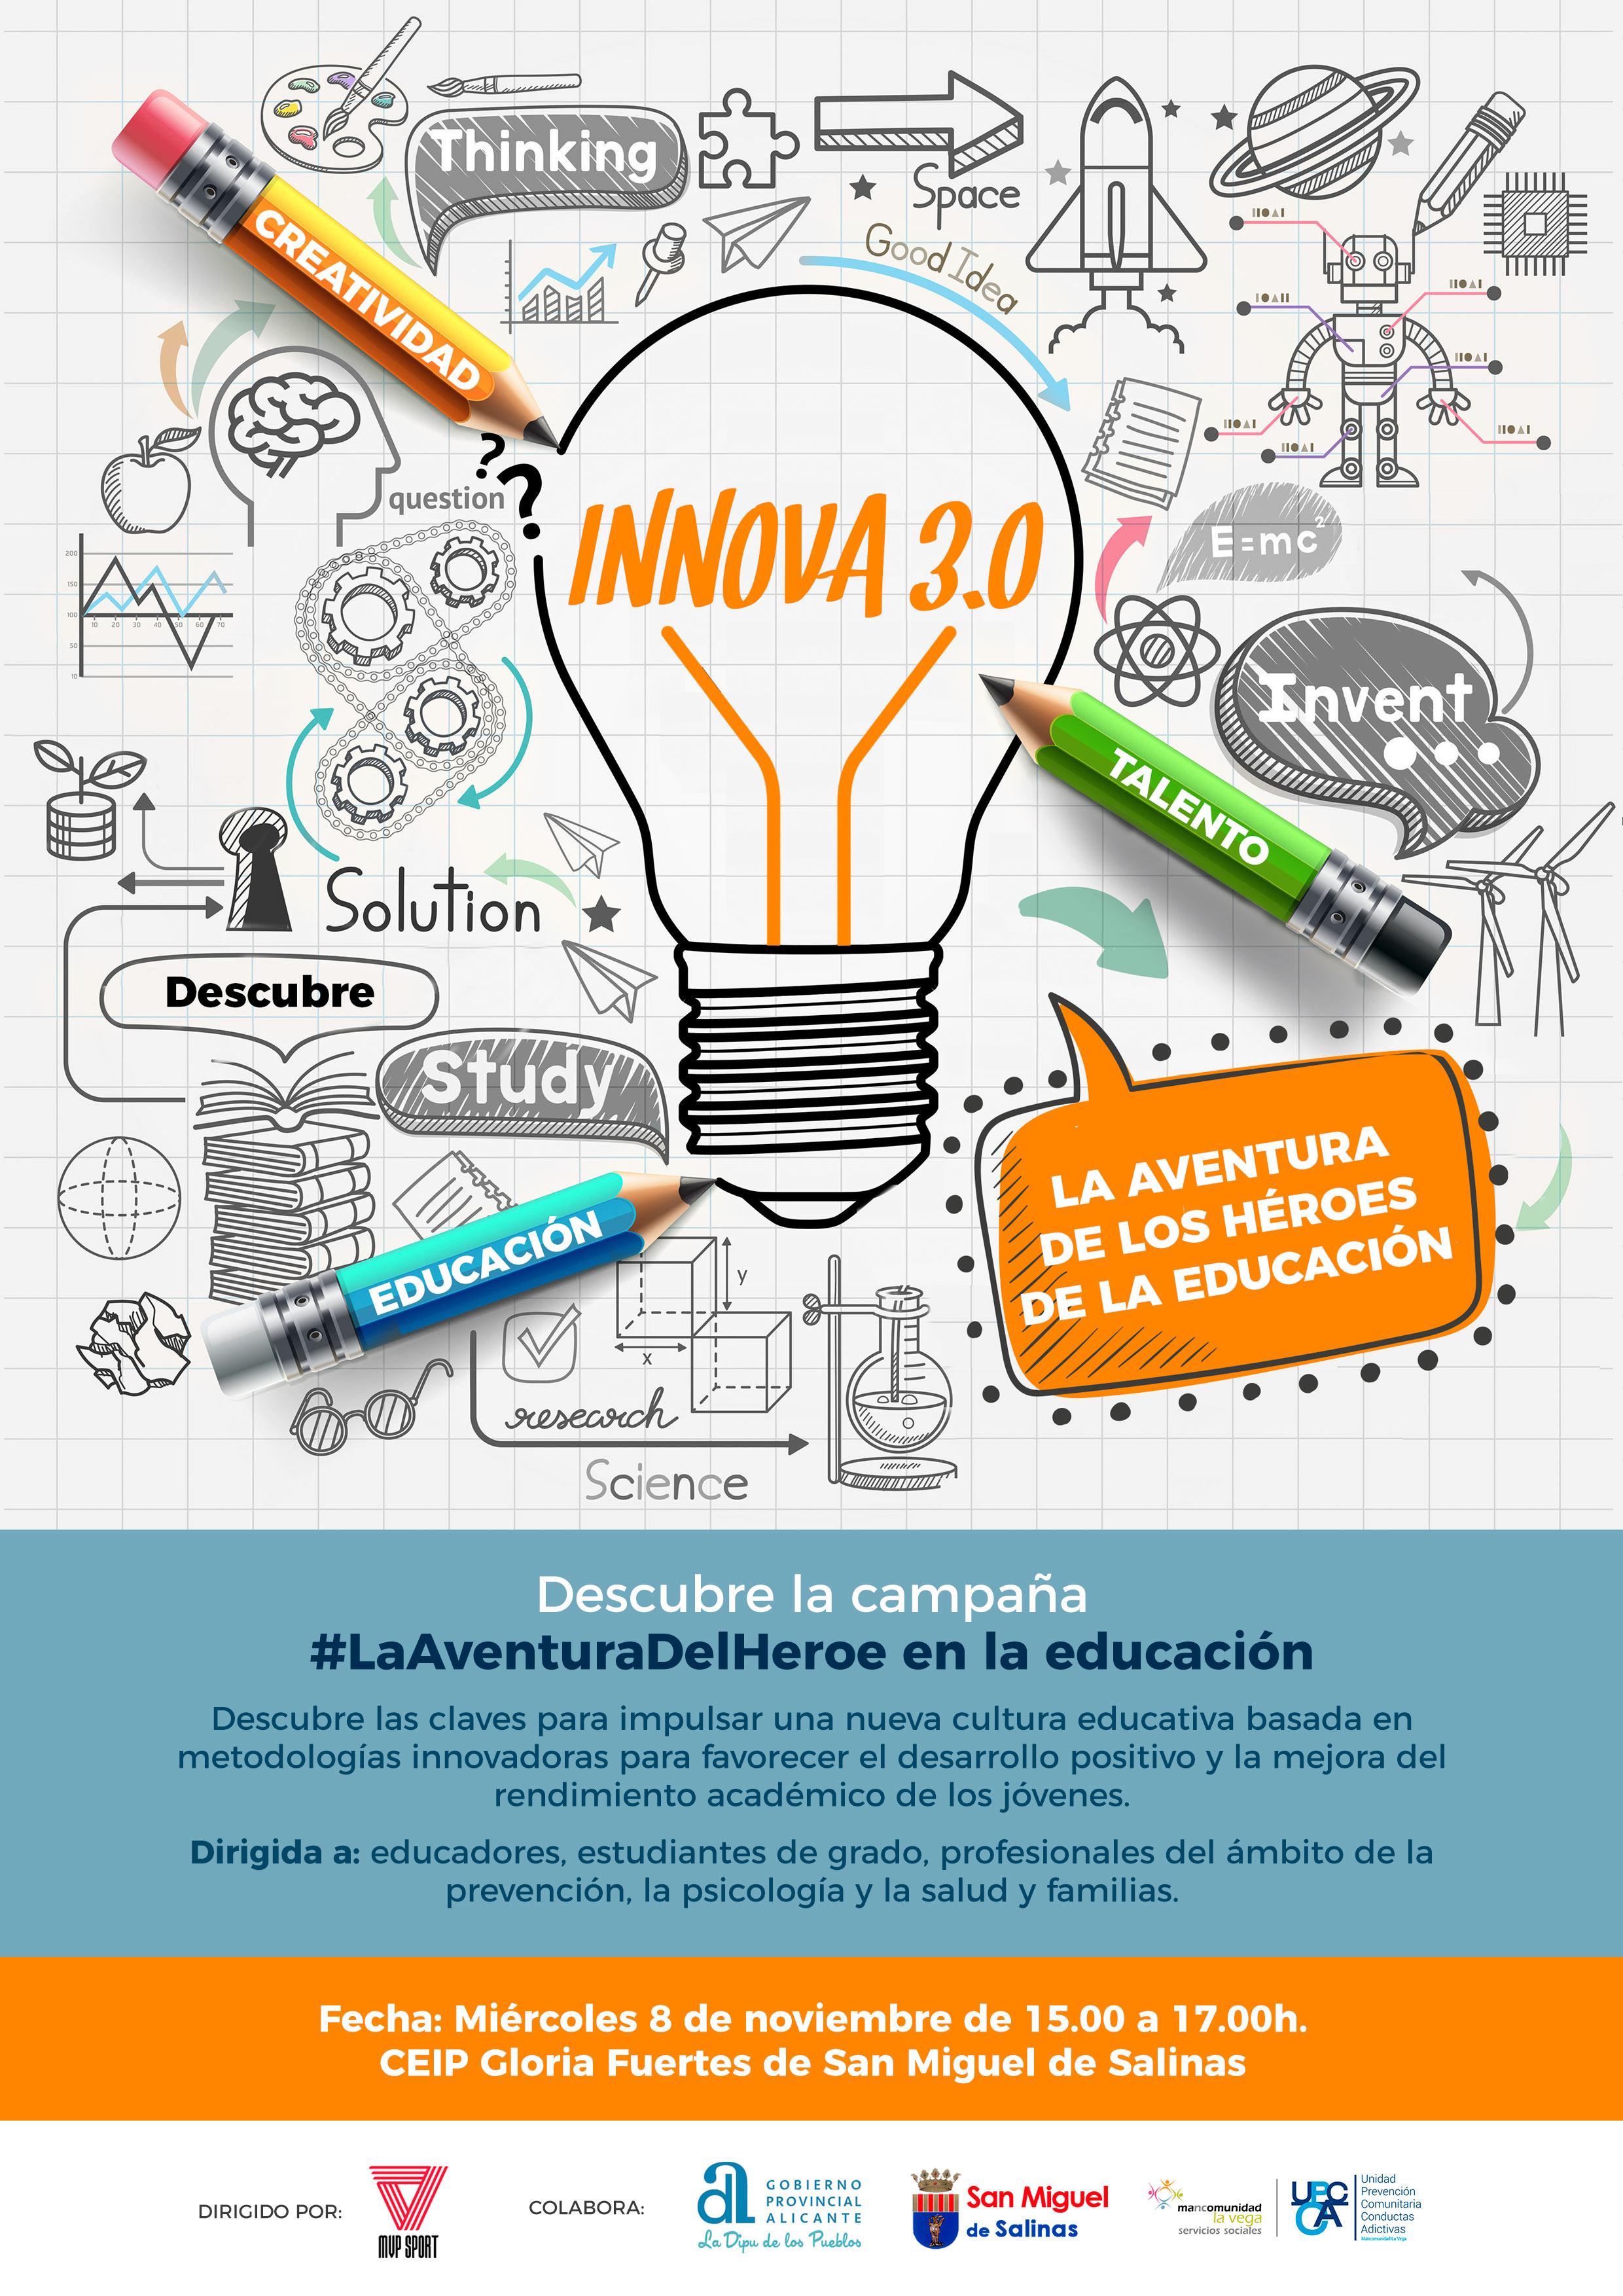 CARTEL-PROYECTO-INNOVA-3.0-San-Miguel-de-Salinas